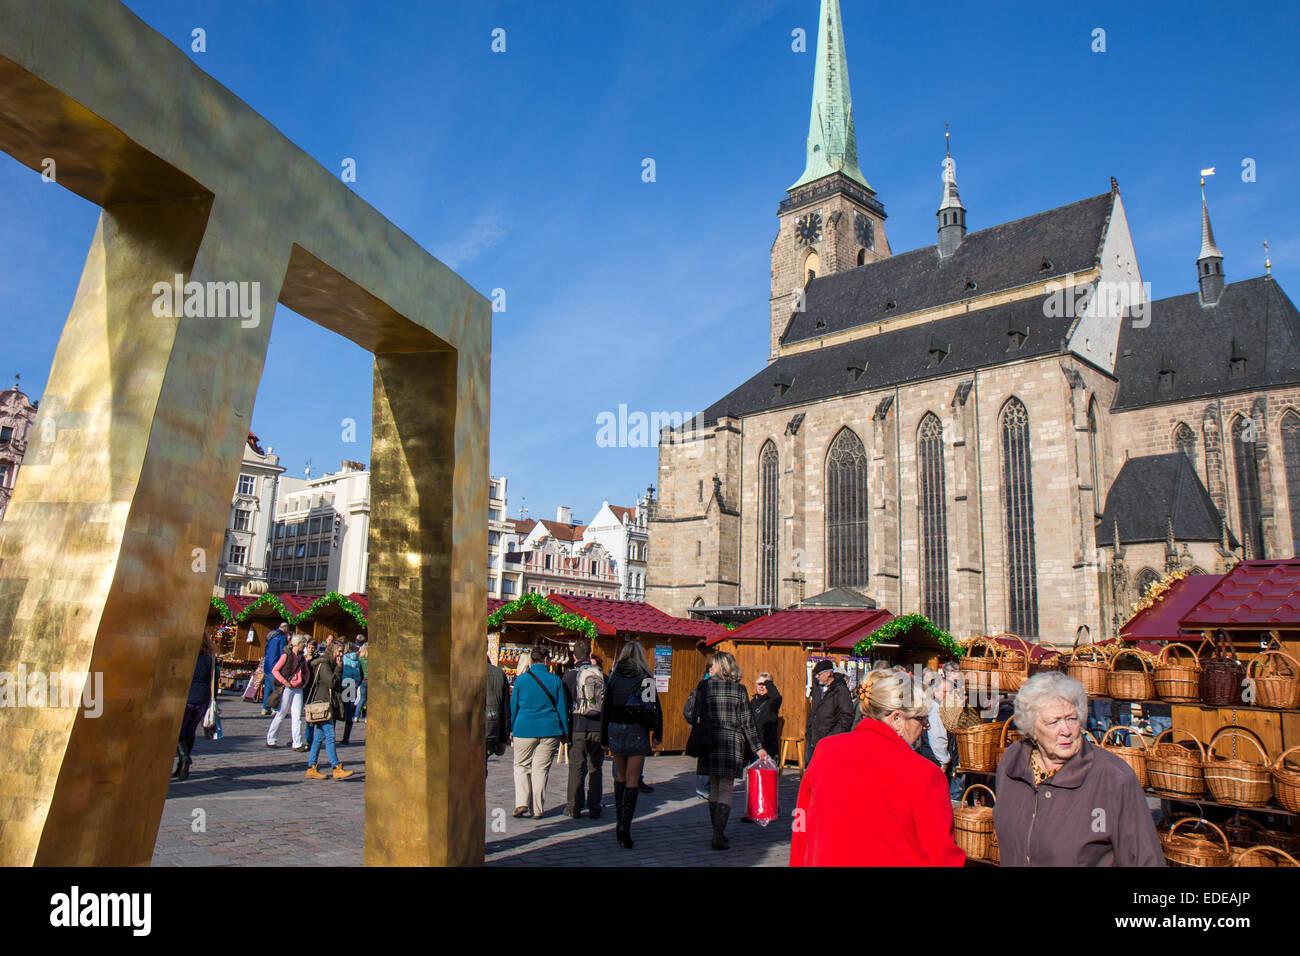 Tschechische Republik: St.-Bartholomäus Kathedrale am wichtigsten Platz von Pilsen. Foto vom 8. November 2014 Stockbild